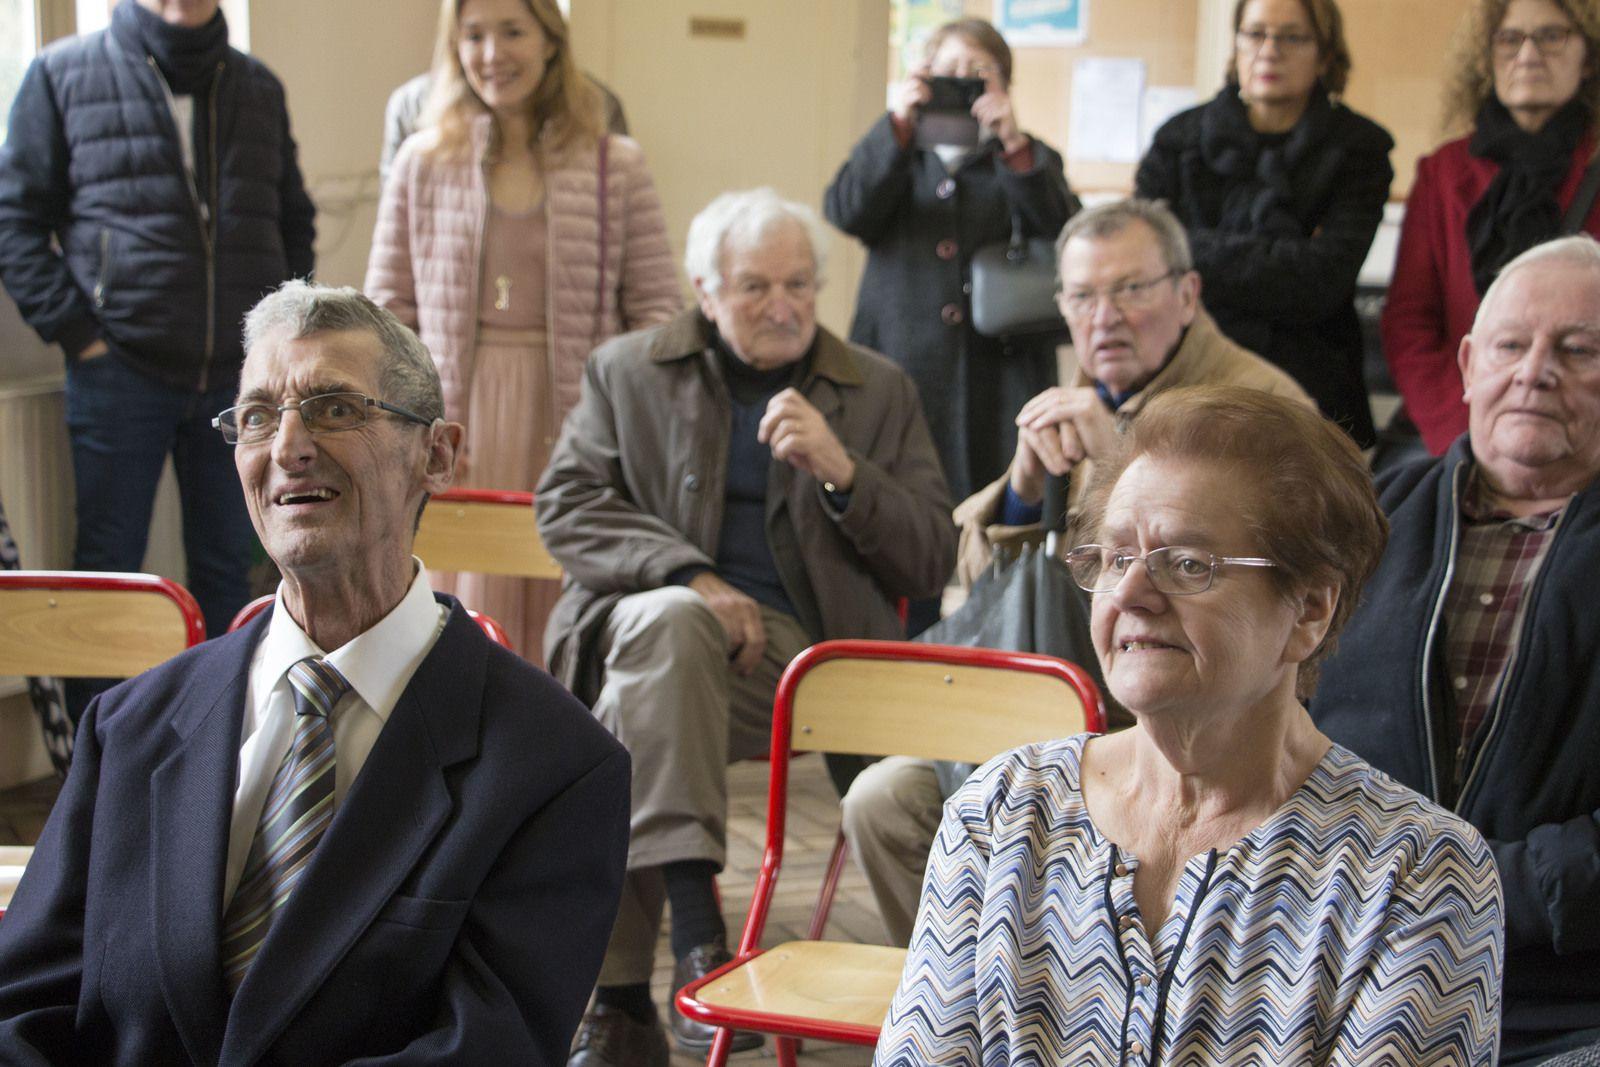 La secrétaire de mairie Karine lit l'acte de mariage du 7 Mars 1970  des époux Corcy.